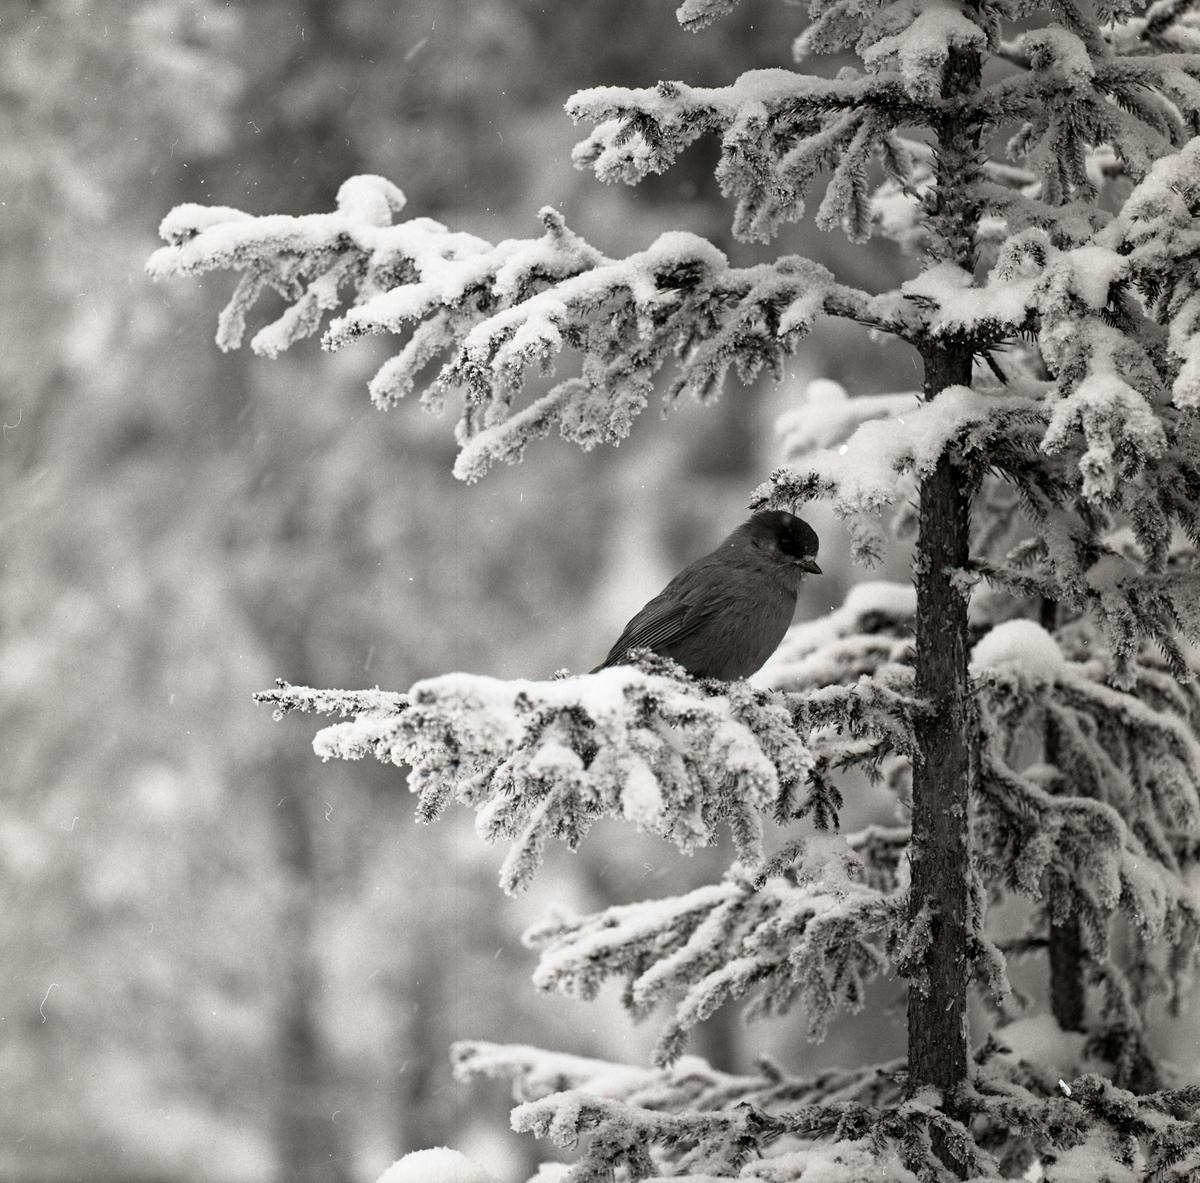 En lavskrika sitter i en snöig gran i Hälsen den 22 februari 1970.